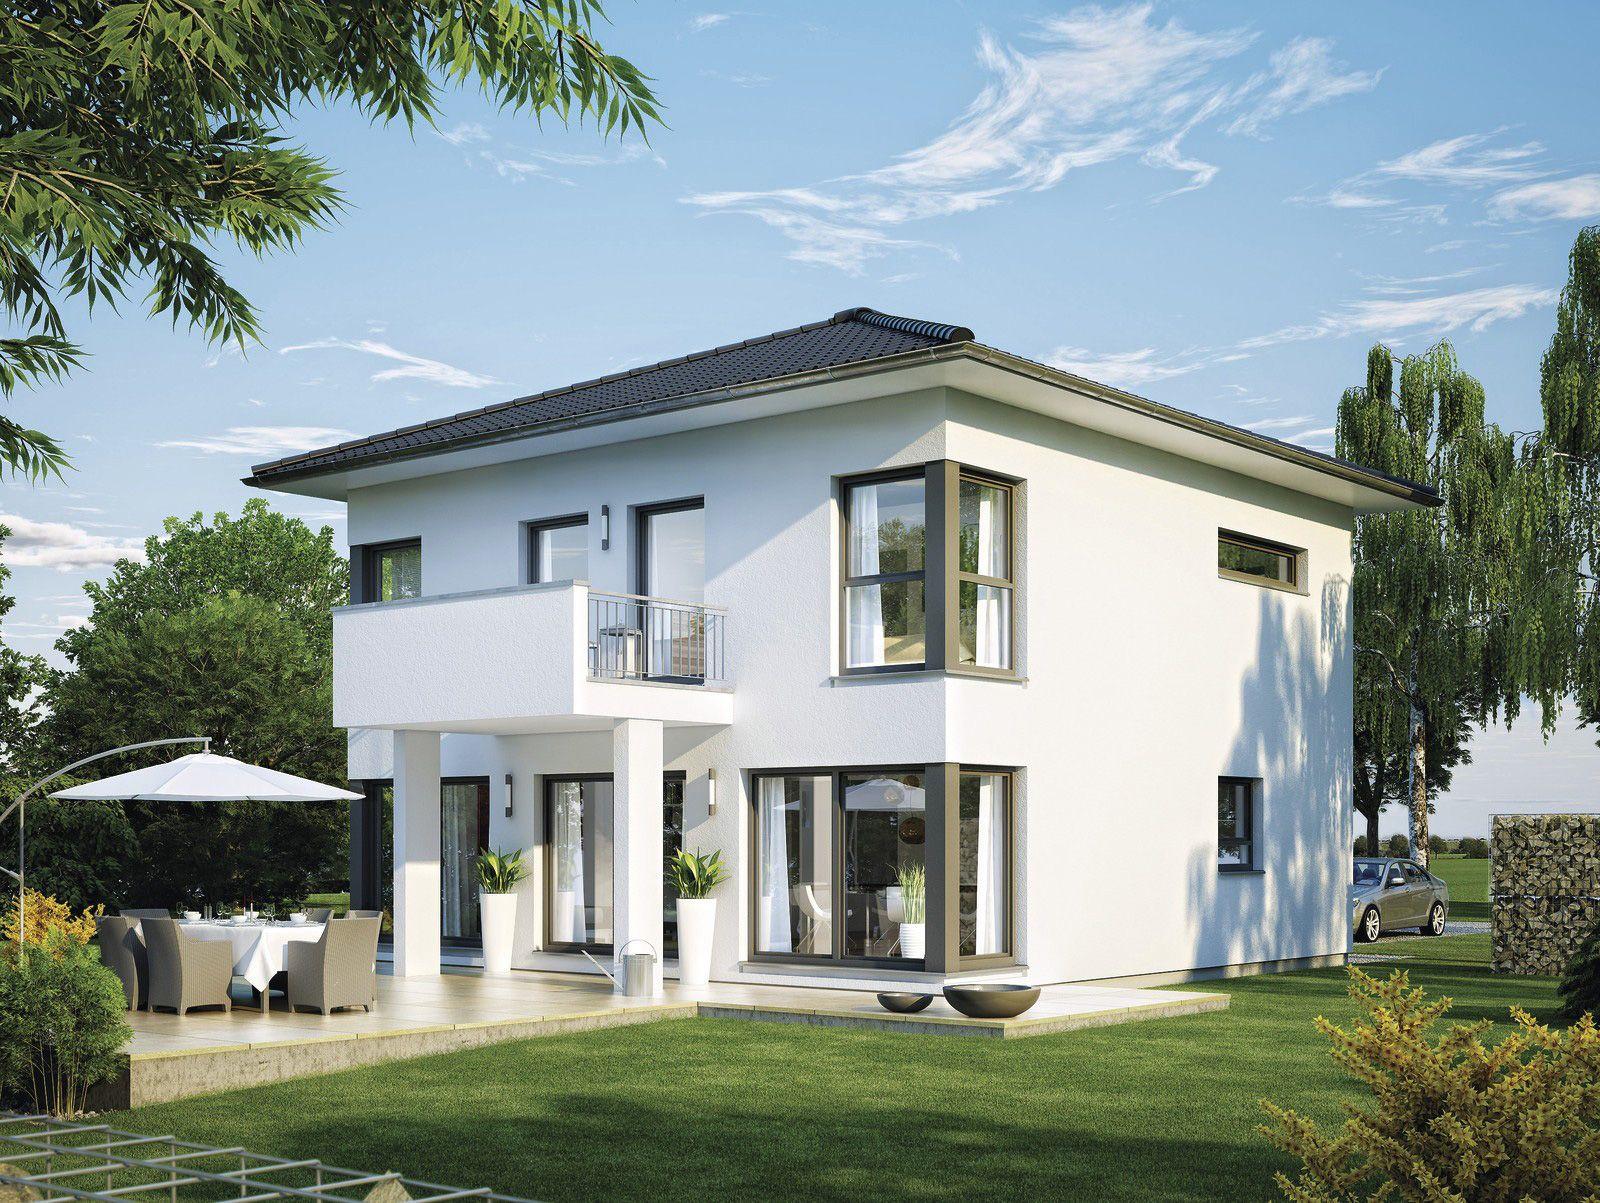 CityLife 200 Einfamilienhaus von WeberHaus GmbH & Co. KG